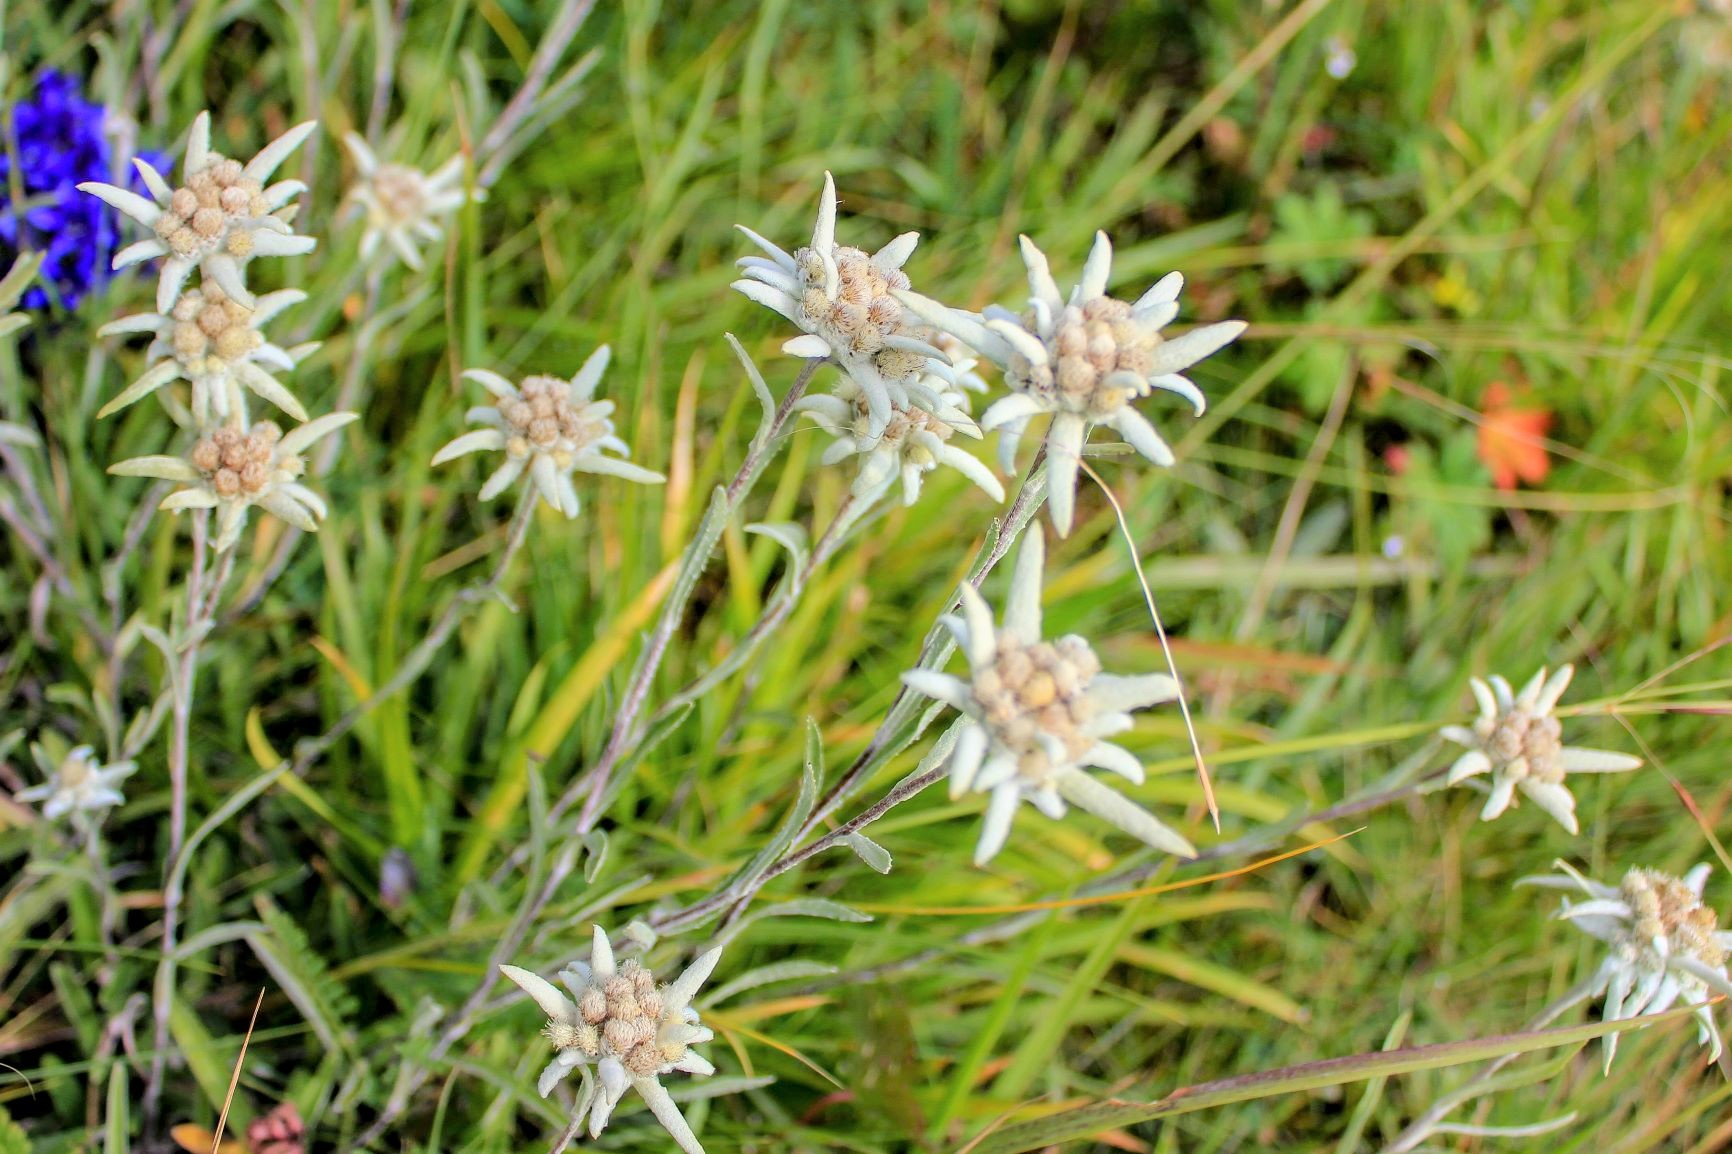 カルカラのキャンプサイト周辺には高山植物が多く咲く